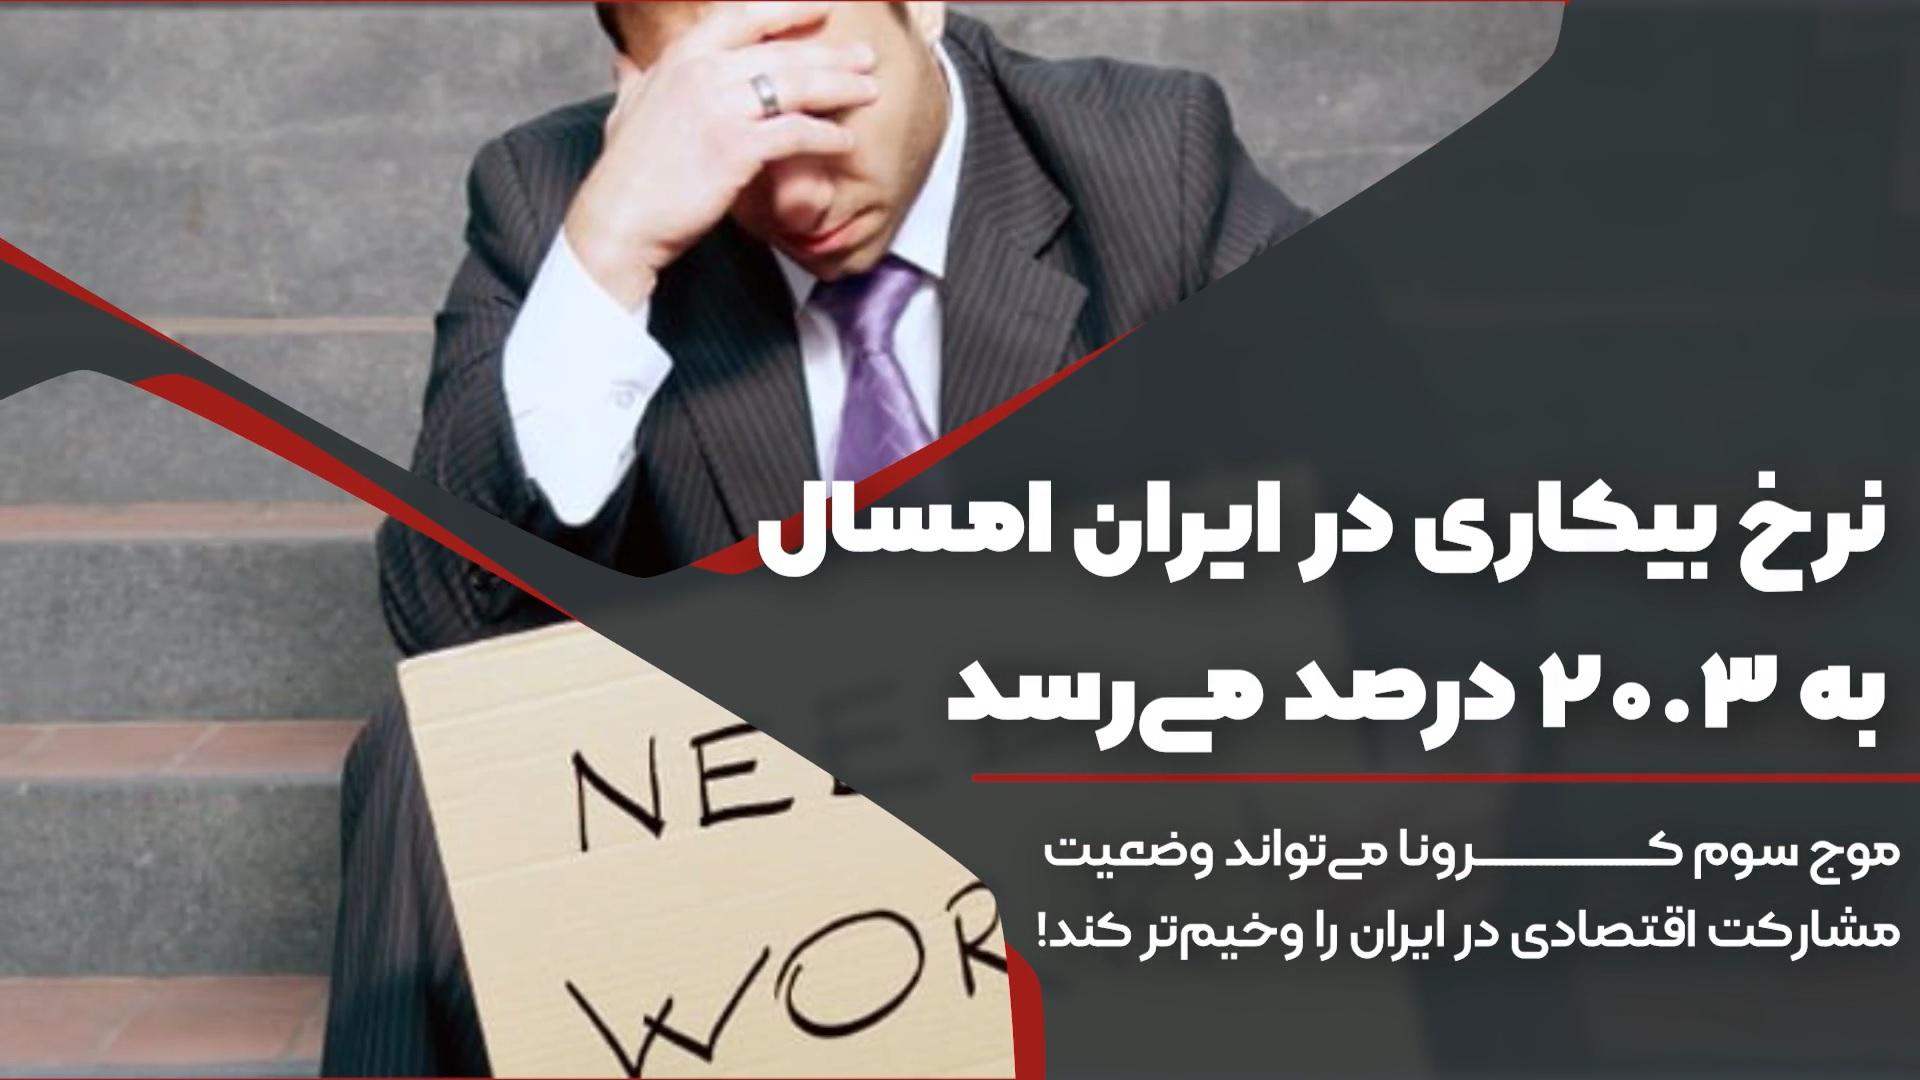 نرخ بیکاری در ایران امسال به ۲۰.۳ درصد می رسد + ویدیو